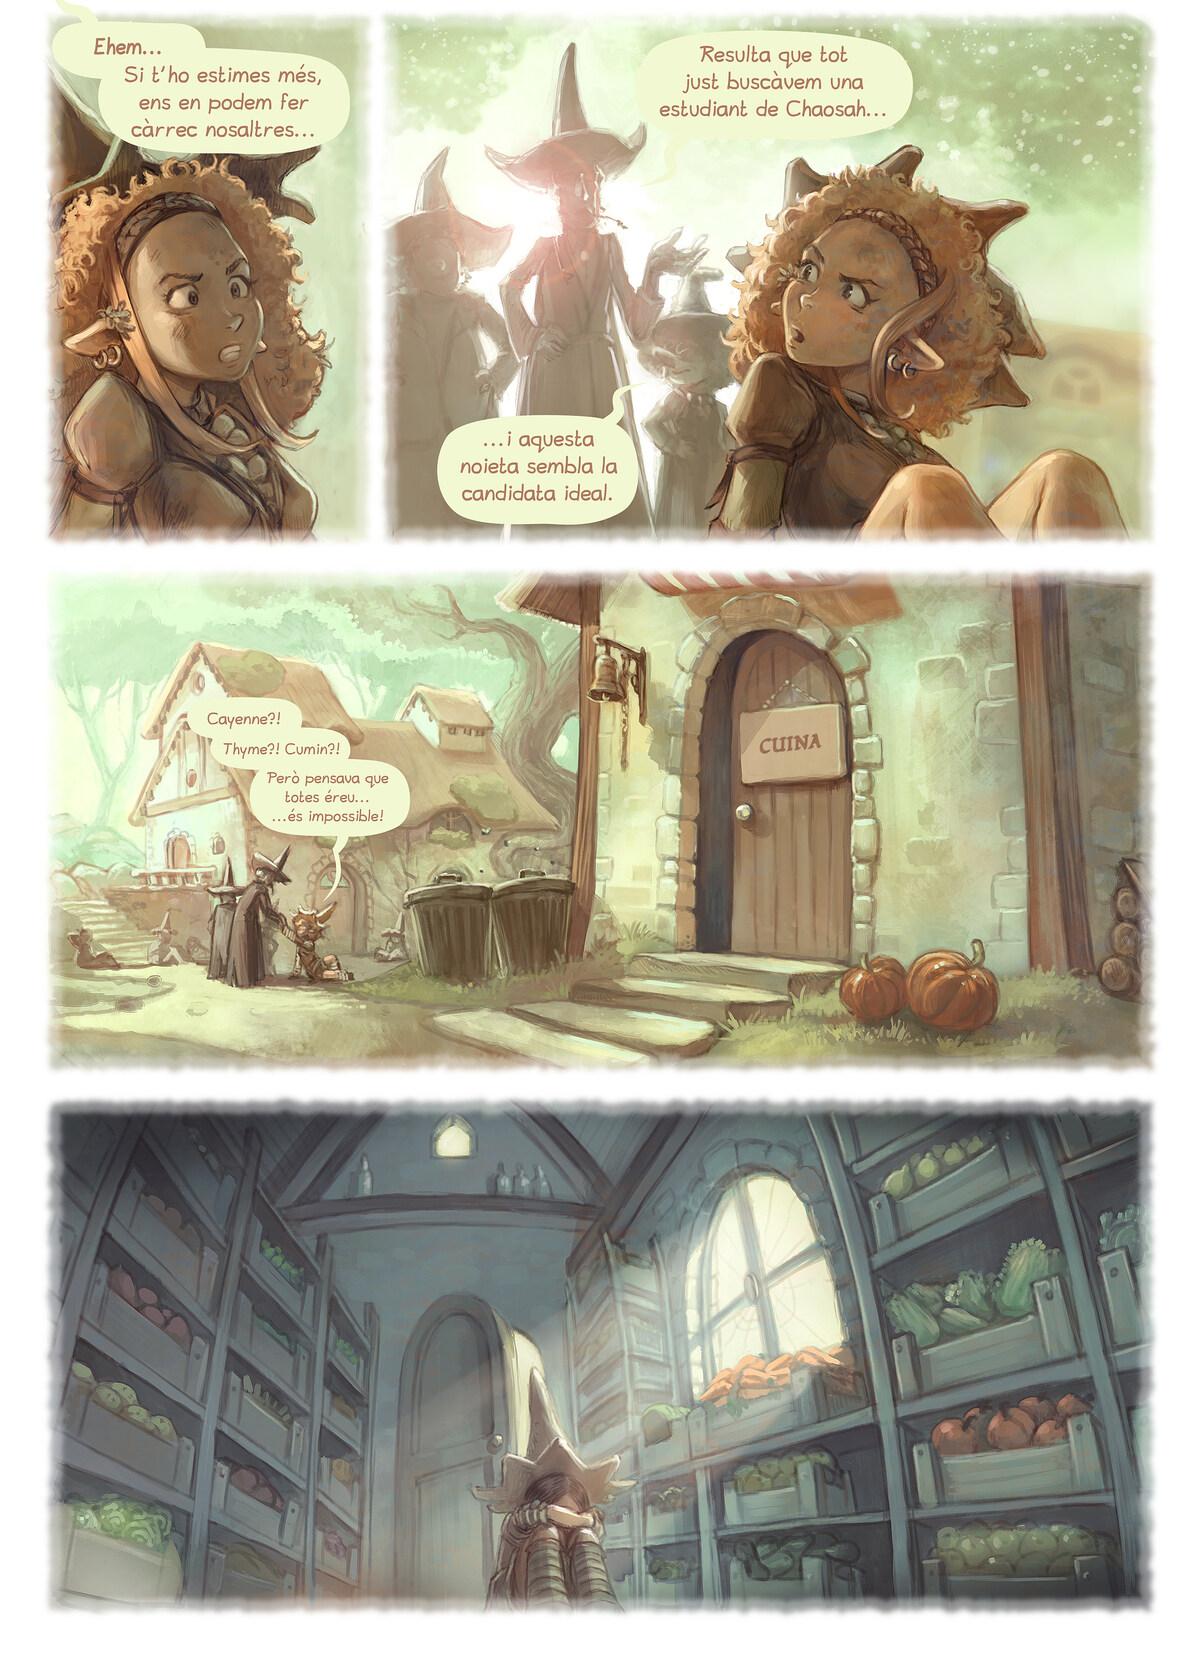 A webcomic page of Pepper&Carrot, episodi 18 [ca], pàgina 5